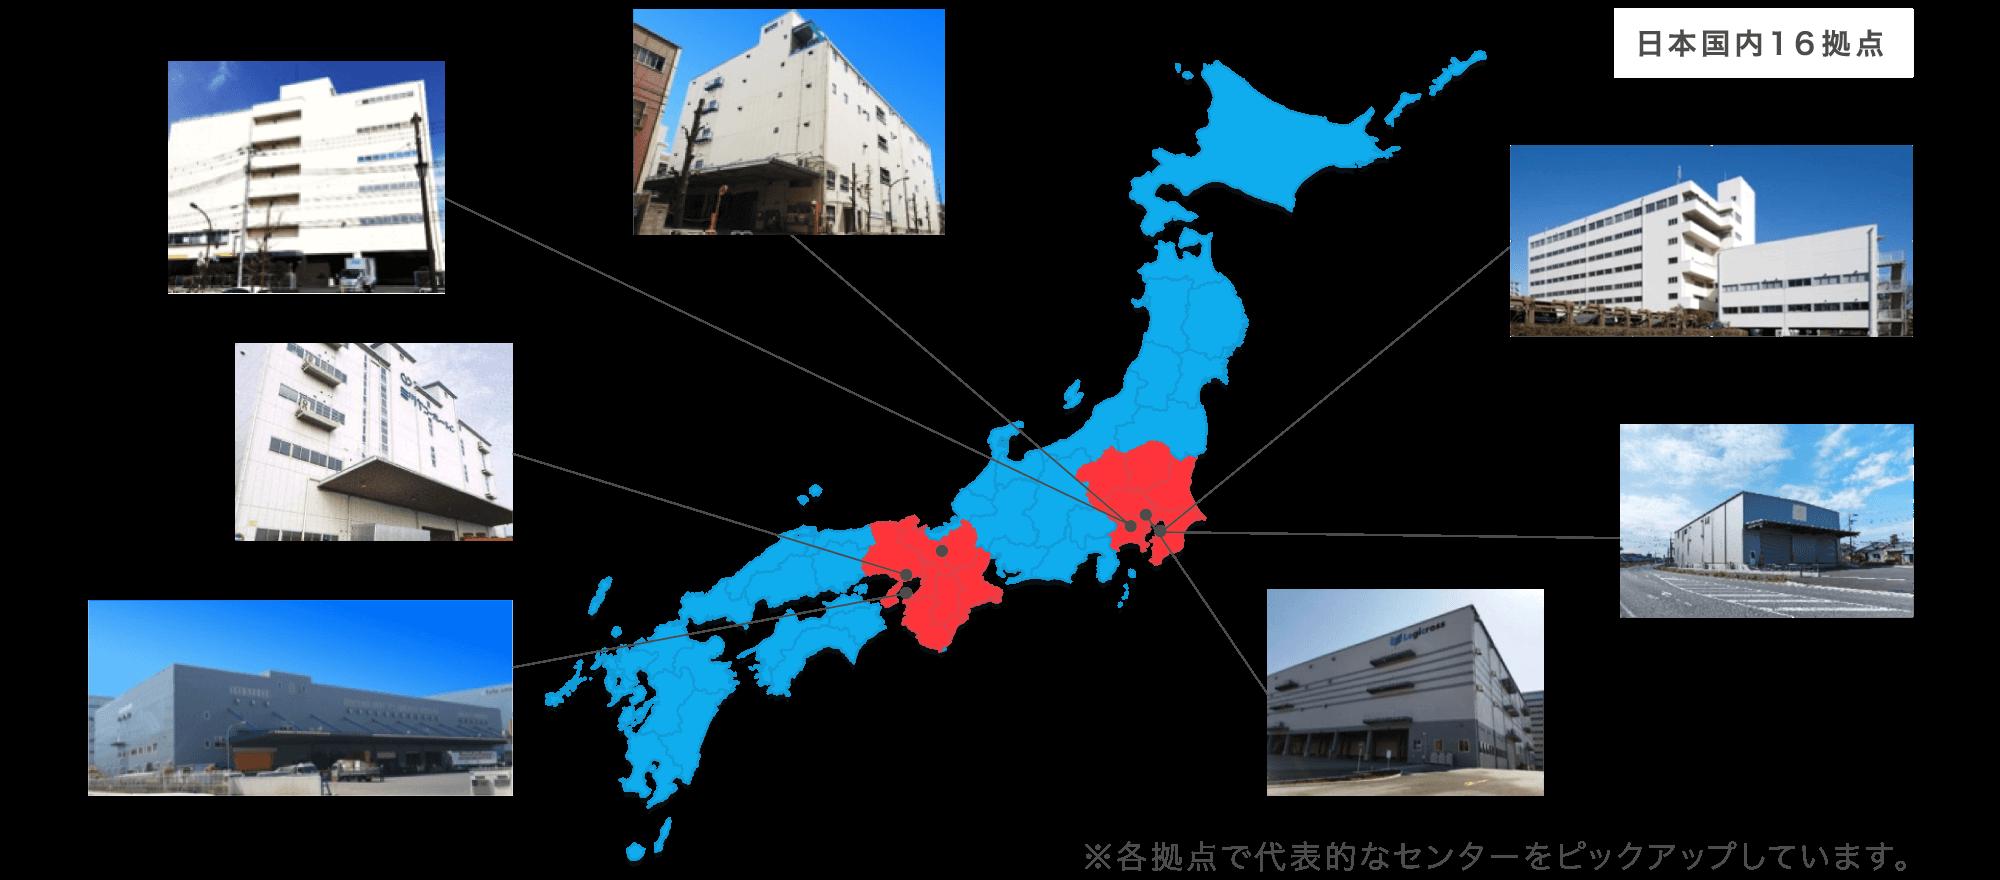 日本国内16拠点